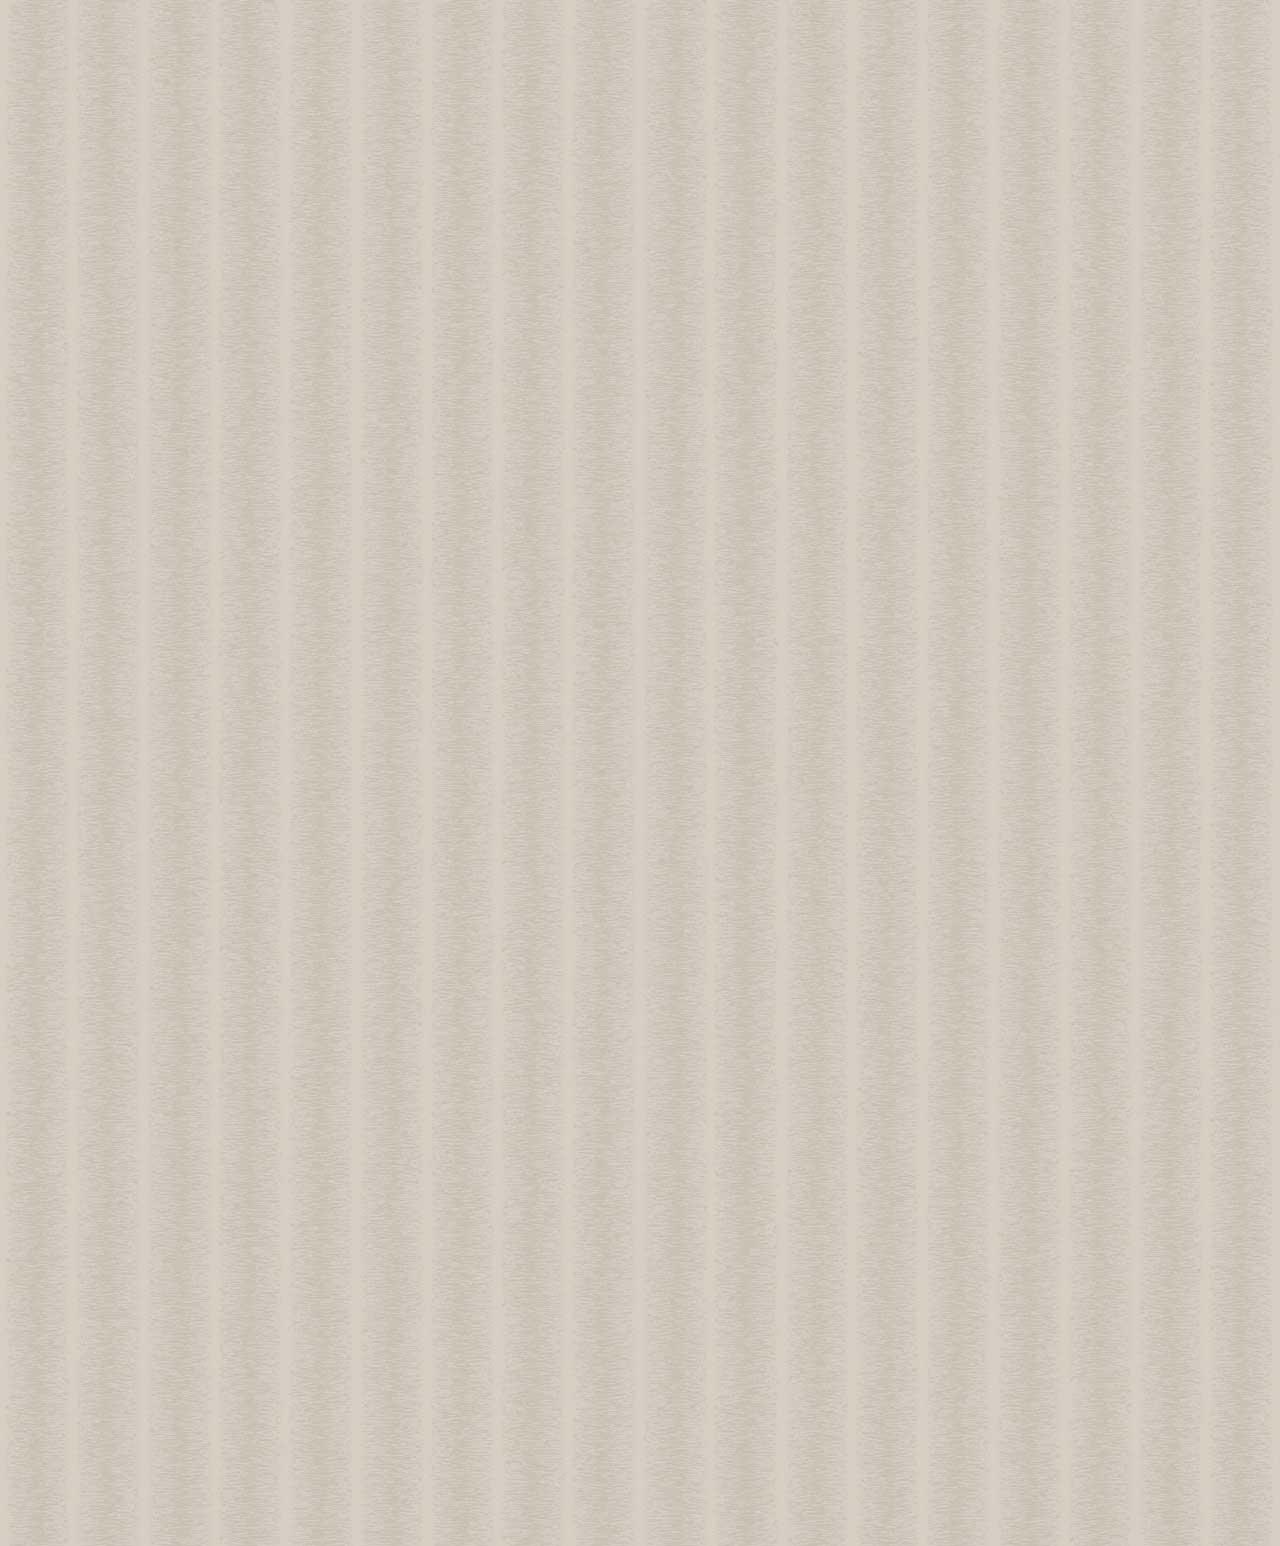 Capri-Luxury-Wallpaper-CP00717-OMBRE-STRIPE